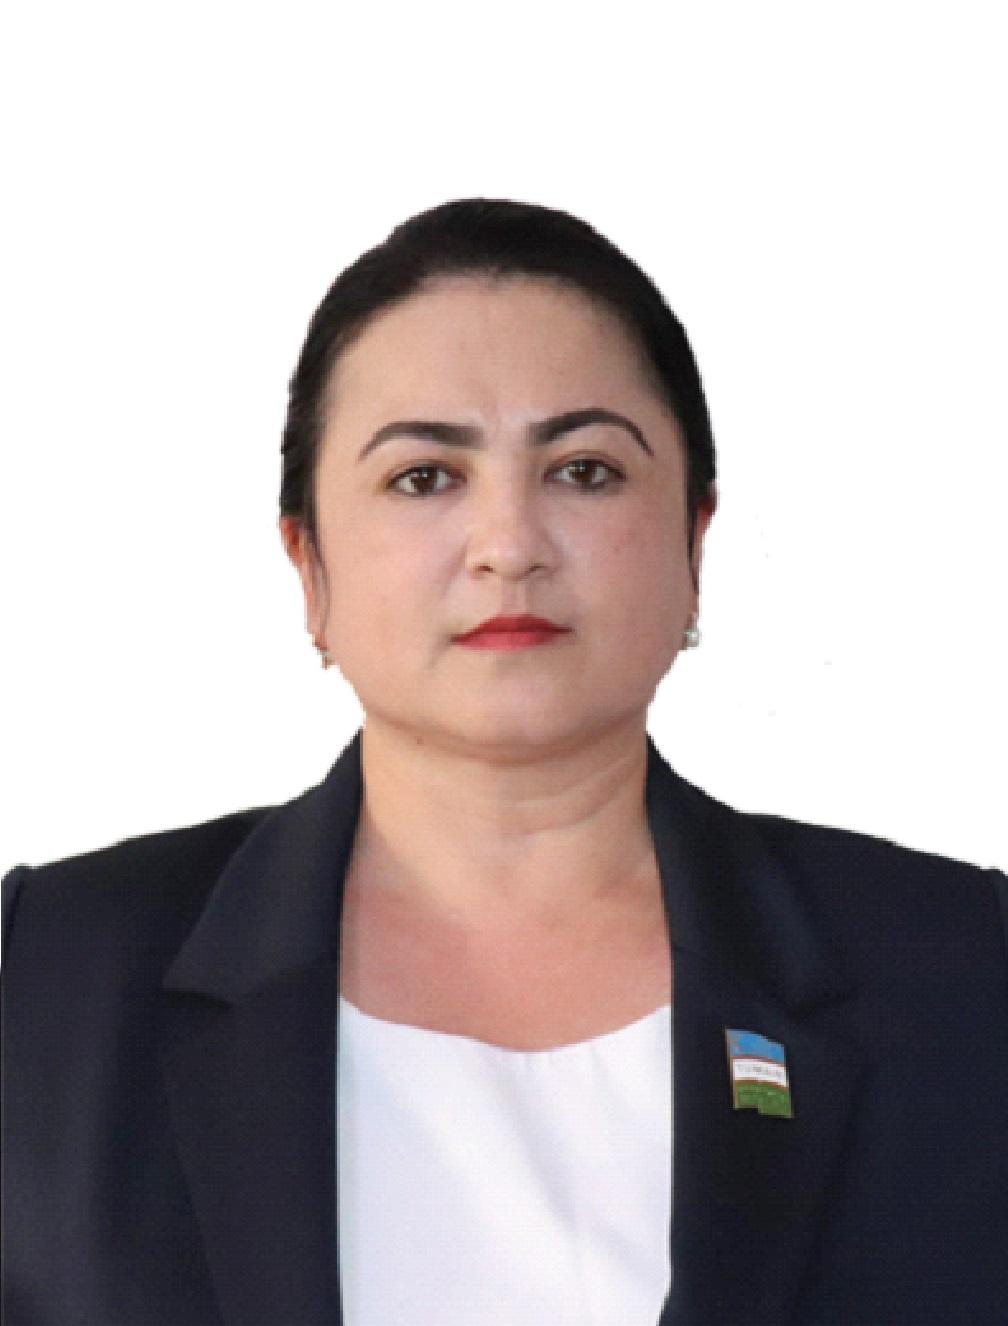 Нажмиддинова Нафиса Зайниддиновна